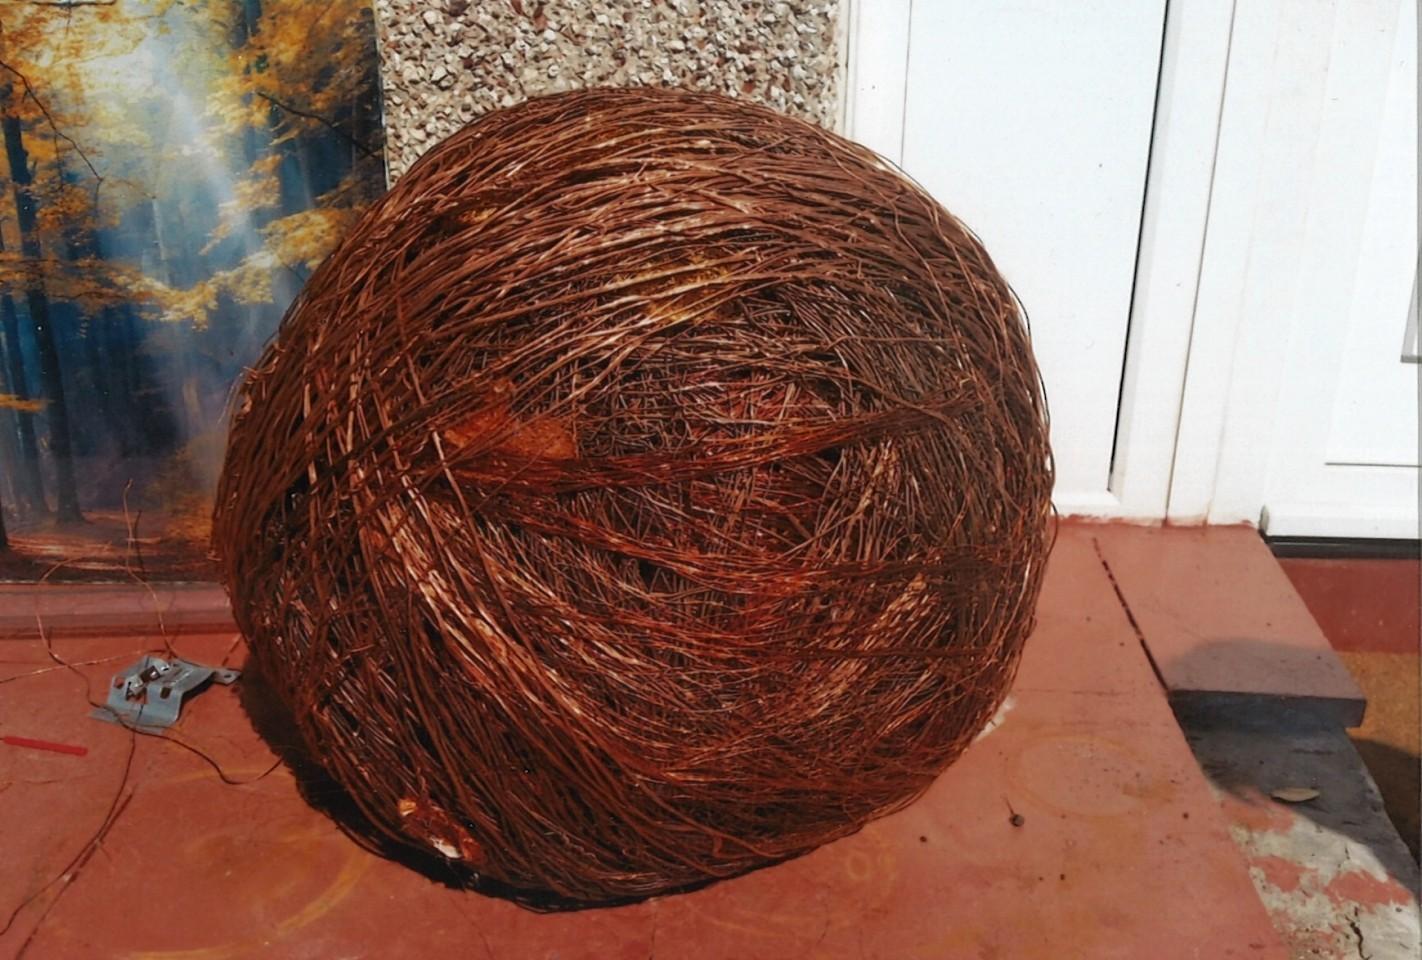 Brian Henderson's ball of copper